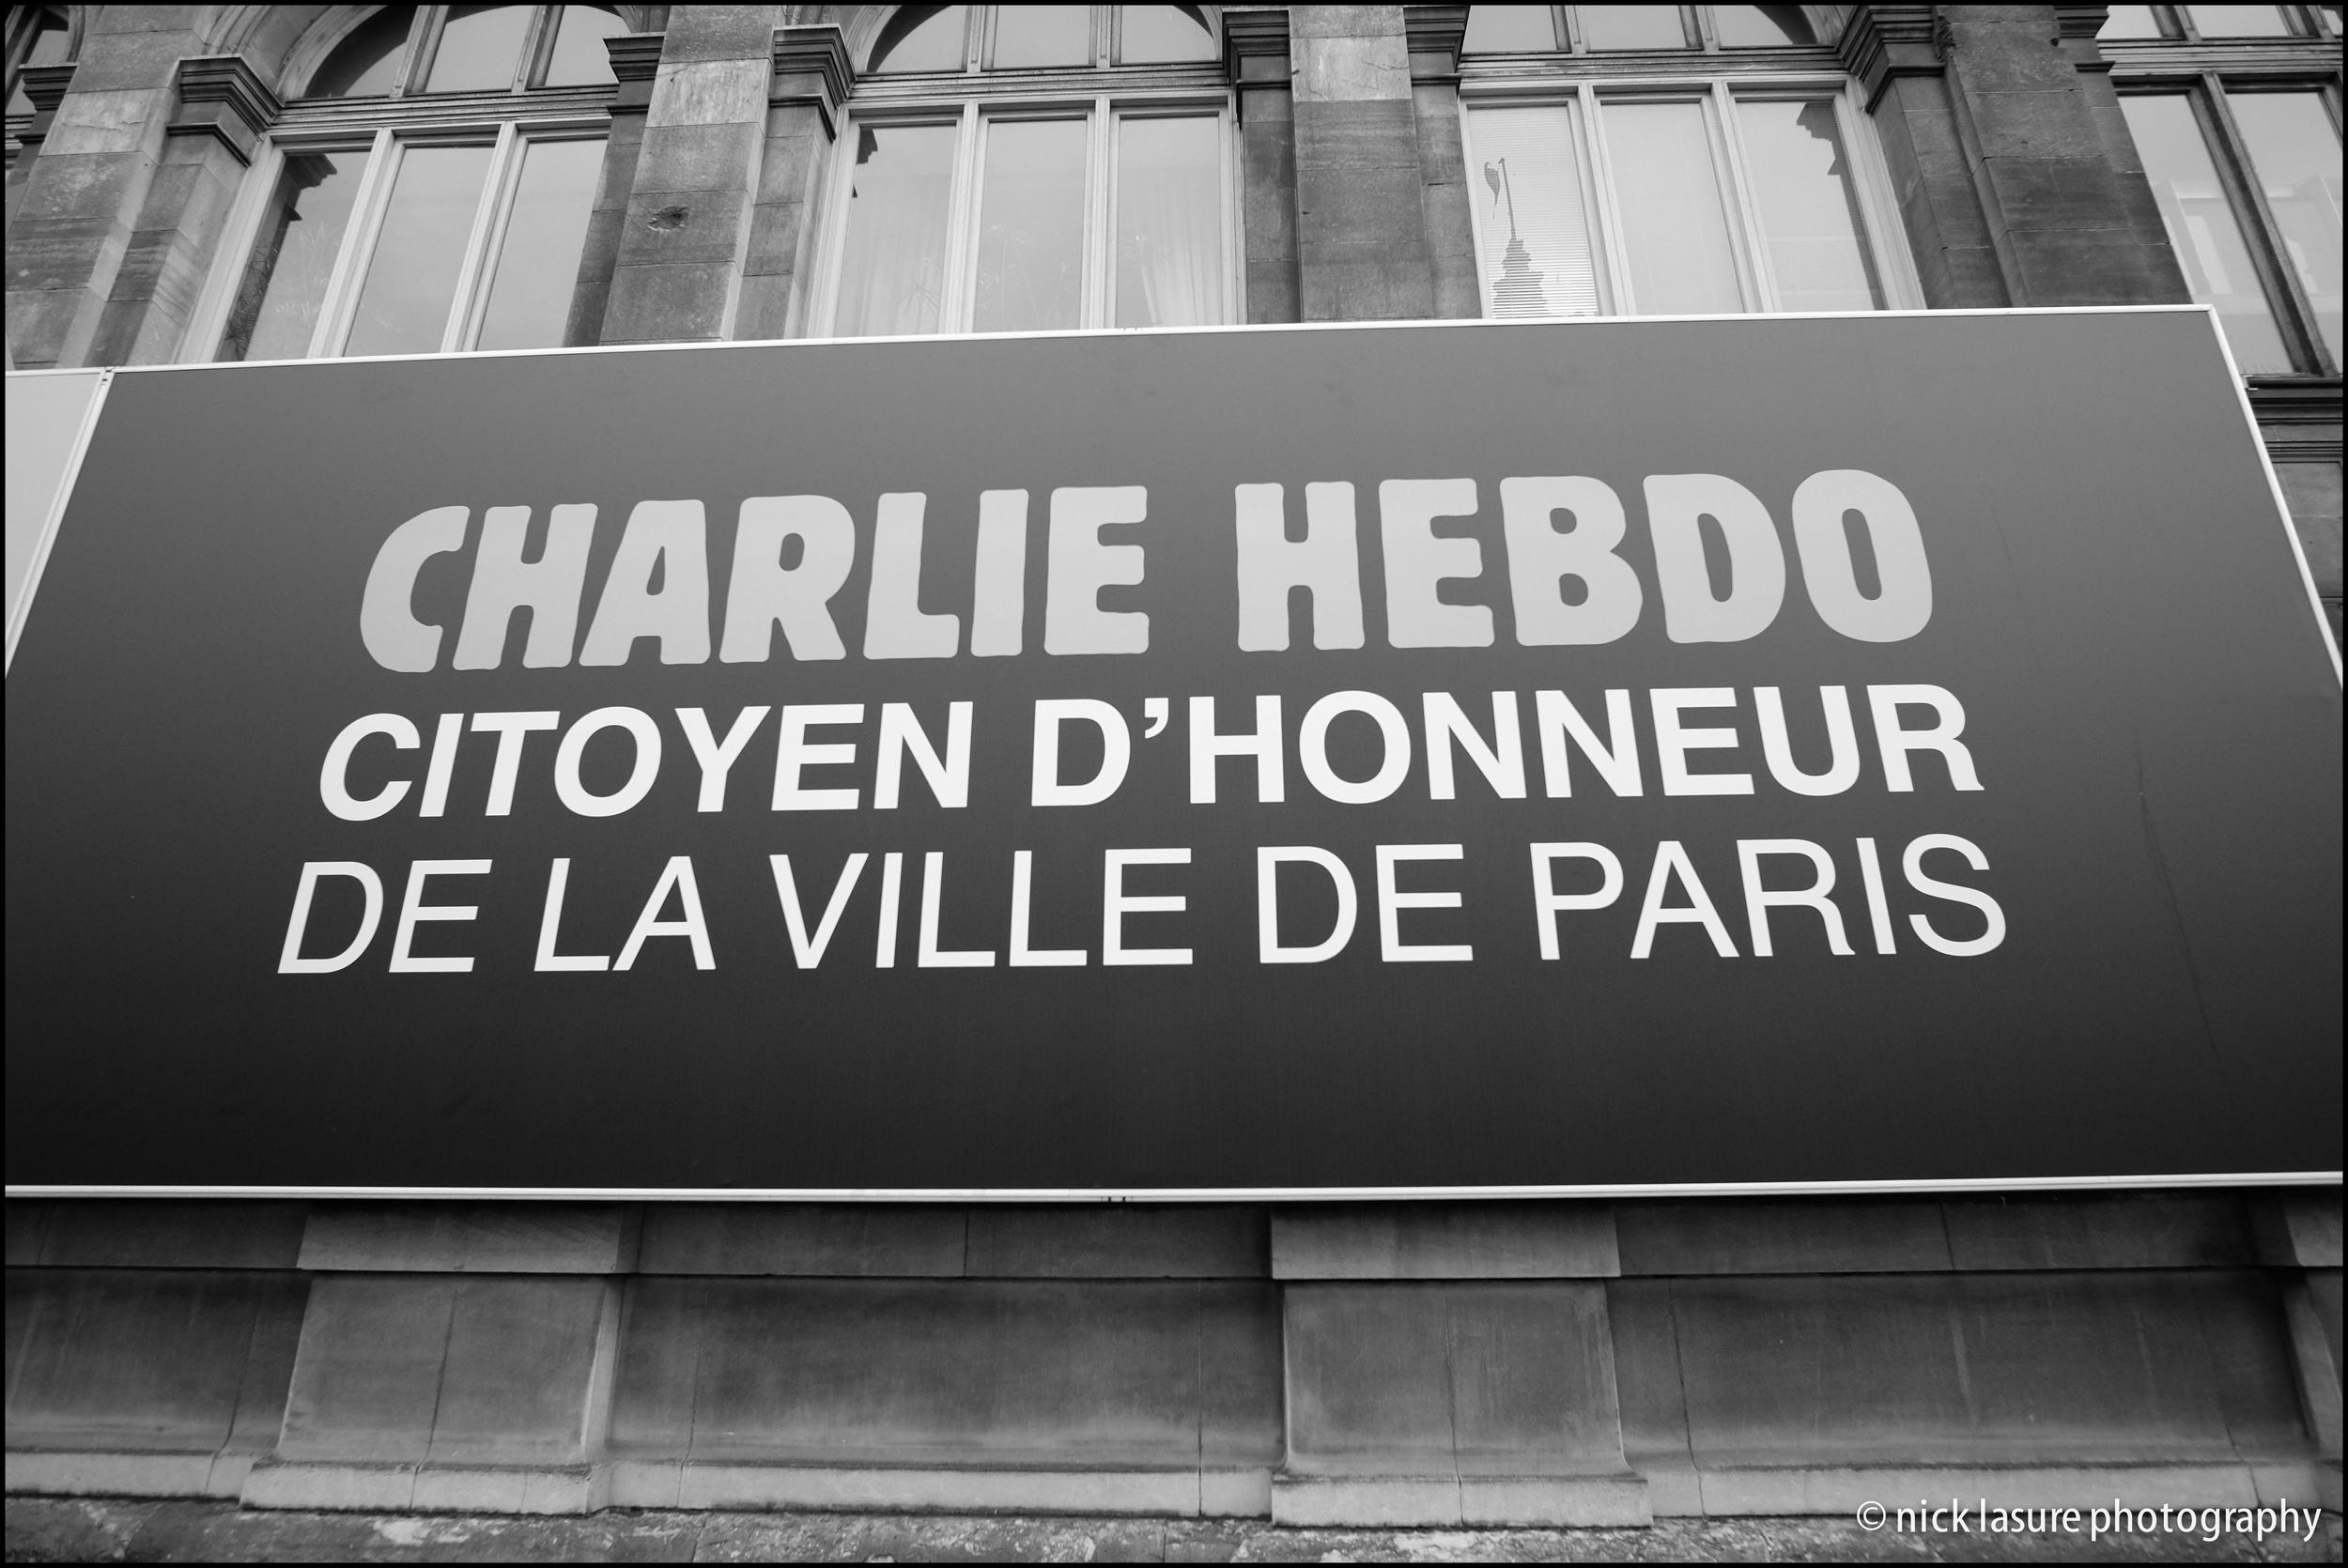 Charlie Hebdo | Fuji XT-1, Rokinon 12mm